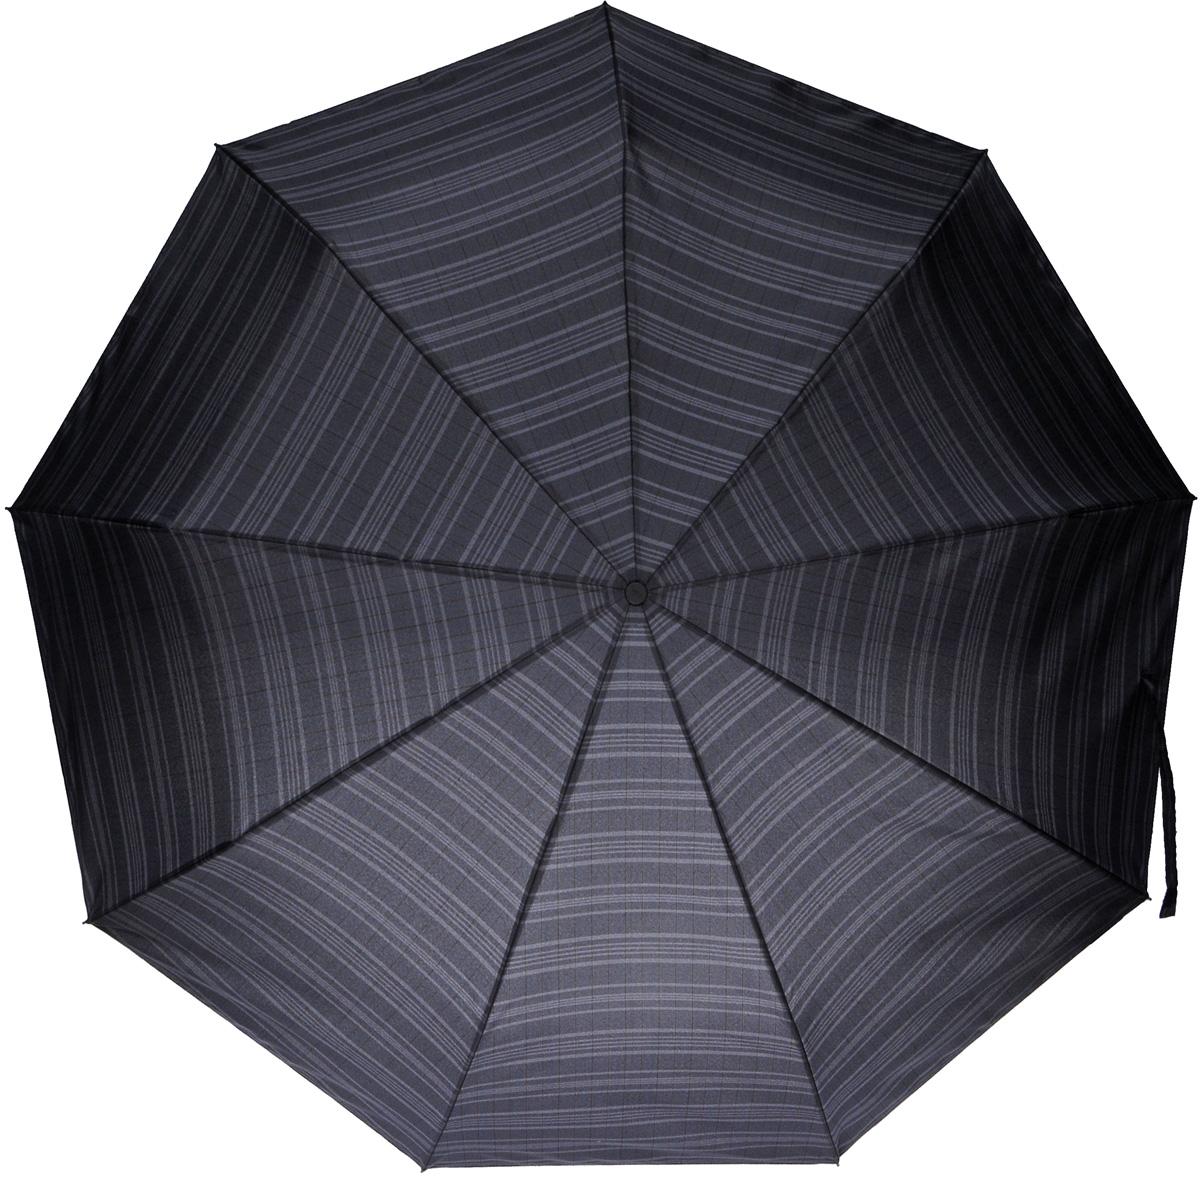 Зонт мужской Zest, автомат, 3 сложения, цвет: серый. 13953-413953-4Лаконичный автоматический зонт Zest в 3 сложения изготовлен из высокопрочных материалов. Каркас зонта состоит из 9 спиц из фибергласса и прочного алюминиевого стержня. Специальная система Windproof защищает его от поломок во время сильных порывов ветра. Купол зонта выполнен из прочного полиэстера с водоотталкивающей пропиткой и оформлен принтом в клетку. Используемые высококачественные красители обеспечивают длительное сохранение свойств ткани купола. Рукоятка, разработанная с учетом требований эргономики, выполнена из пластика. Зонт имеет полный автоматический механизм сложения: купол открывается и закрывается нажатием кнопки на рукоятке, стержень складывается вручную до характерного щелчка. Благодаря этому открыть и закрыть зонт можно одной рукой, что чрезвычайно удобно при входе в транспорт или помещение. Небольшой шнурок, расположенный на рукоятке, позволяет надеть изделие на руку при необходимости. К зонту прилагается чехол, дополненный застежкой-молнией. ...